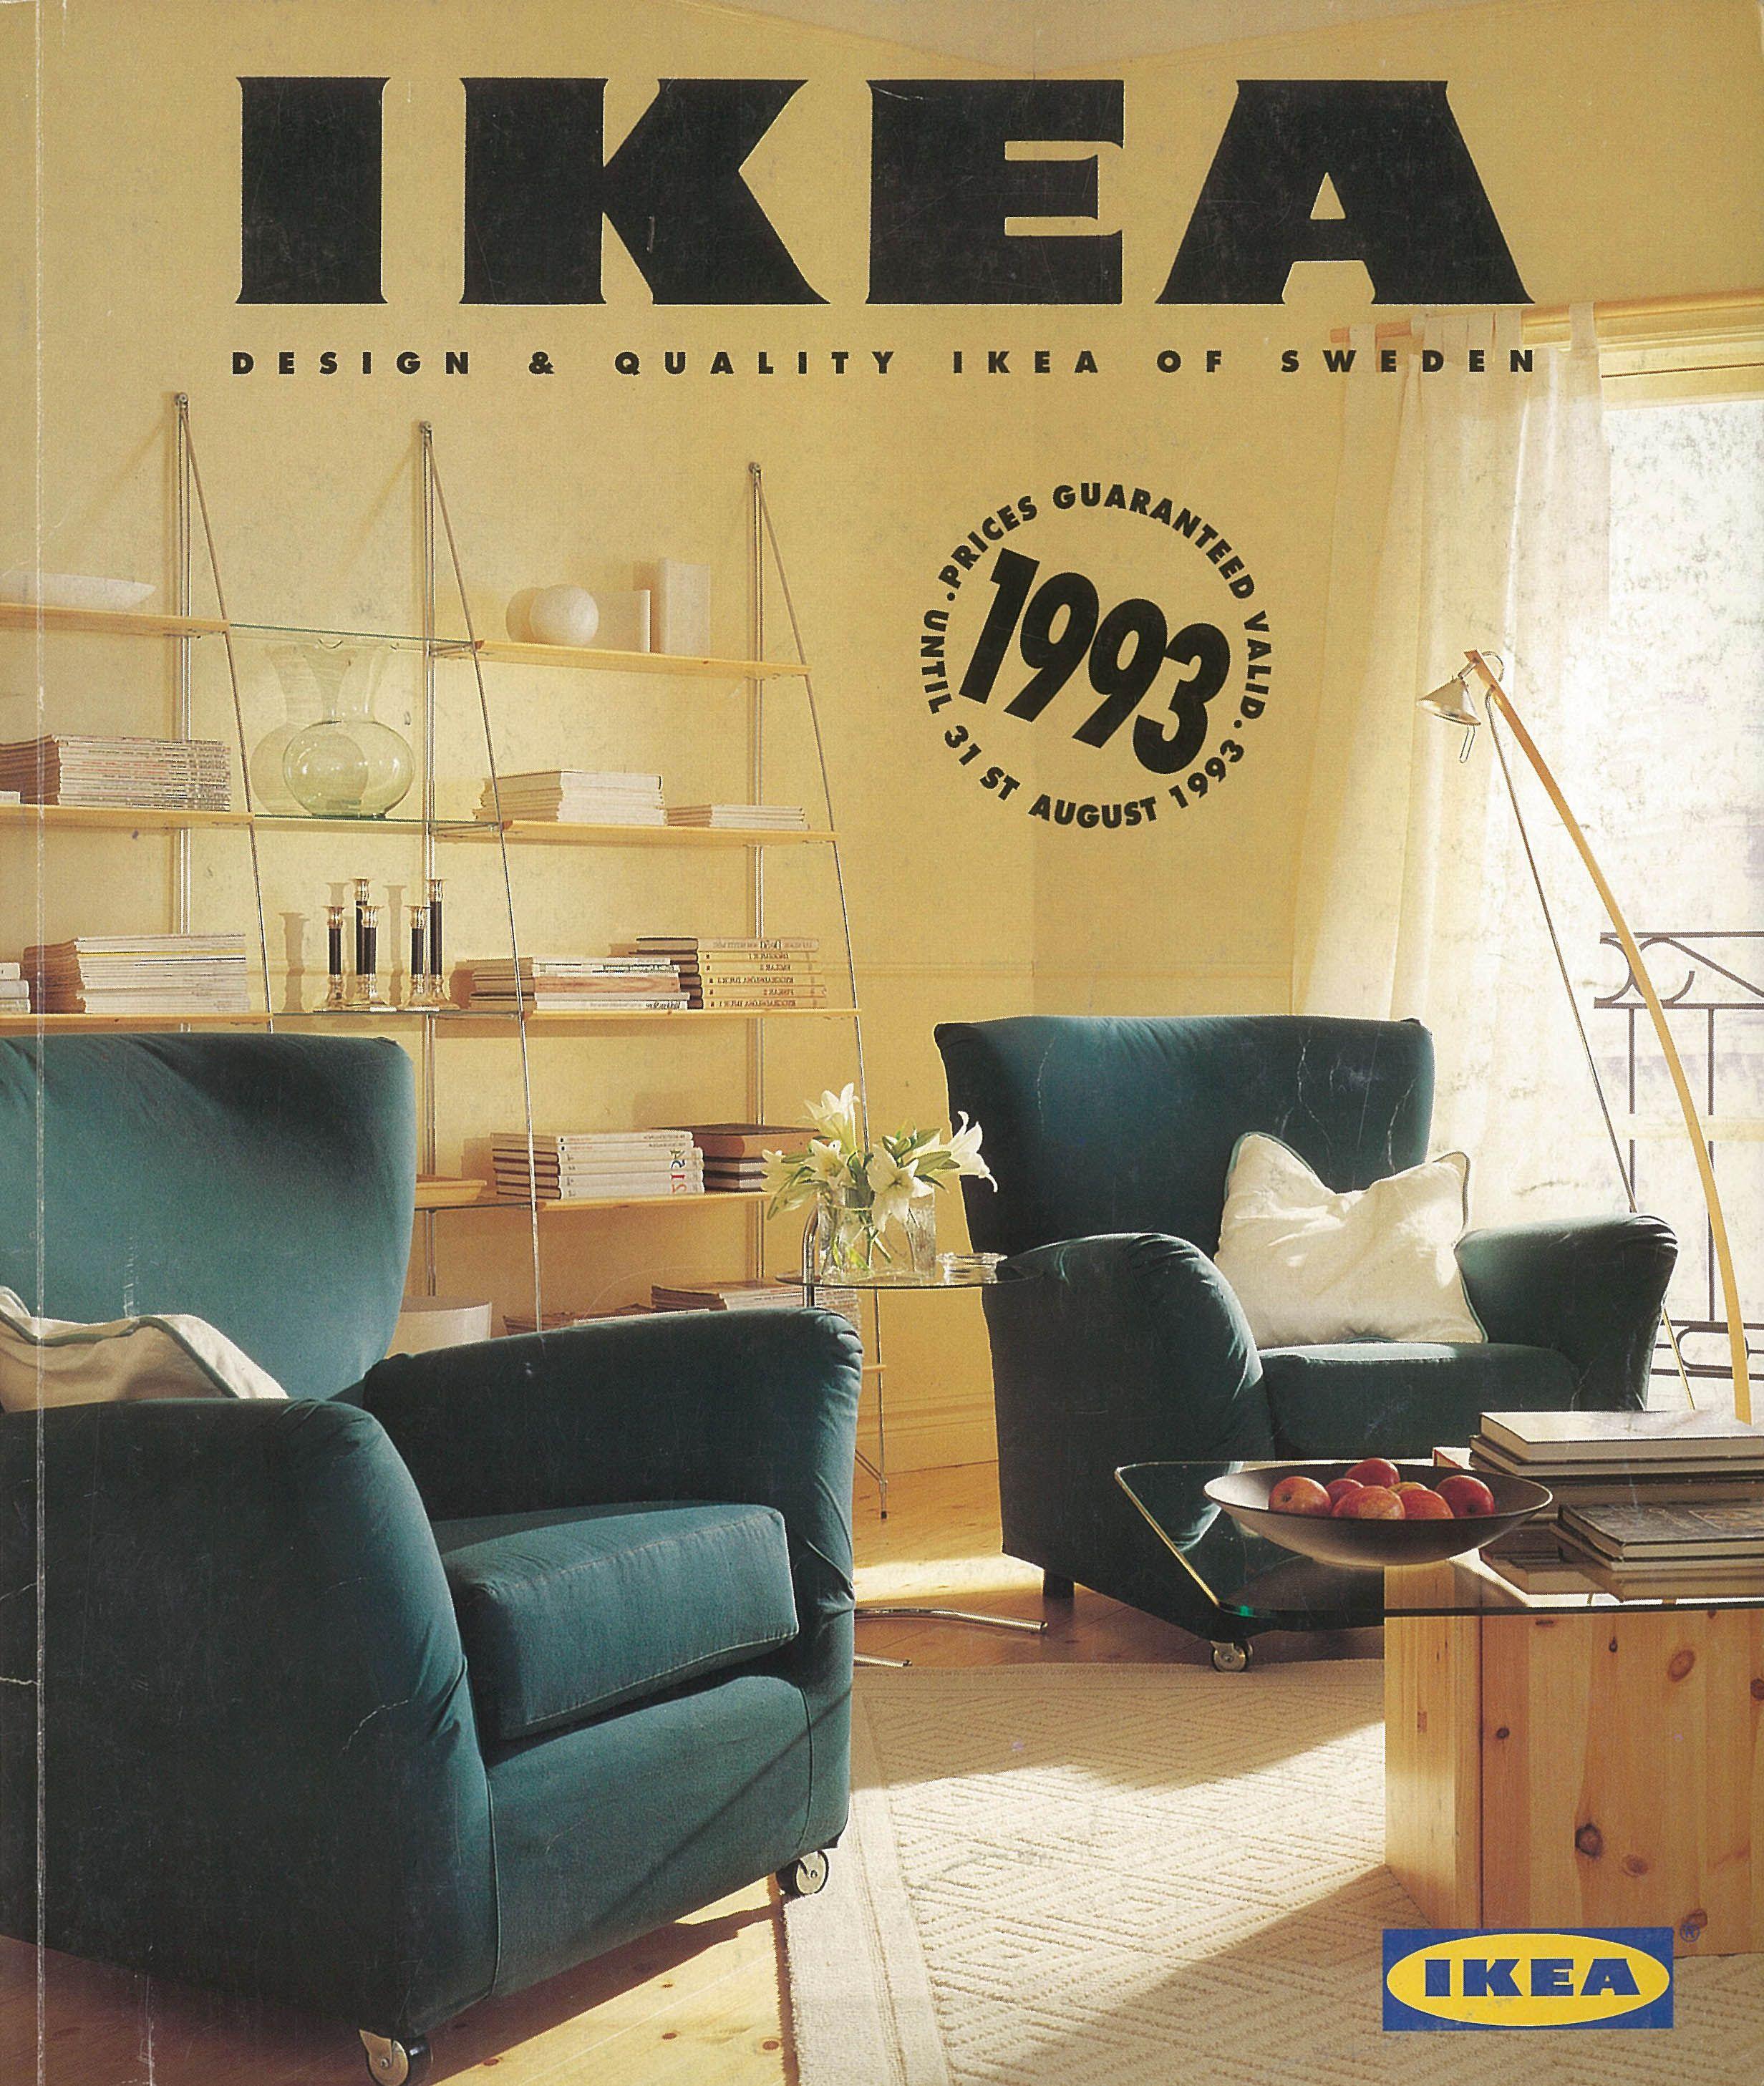 The 1993 Ikea Catalogue Cover Ikea Moodboard In 2019 Ikea Ikea